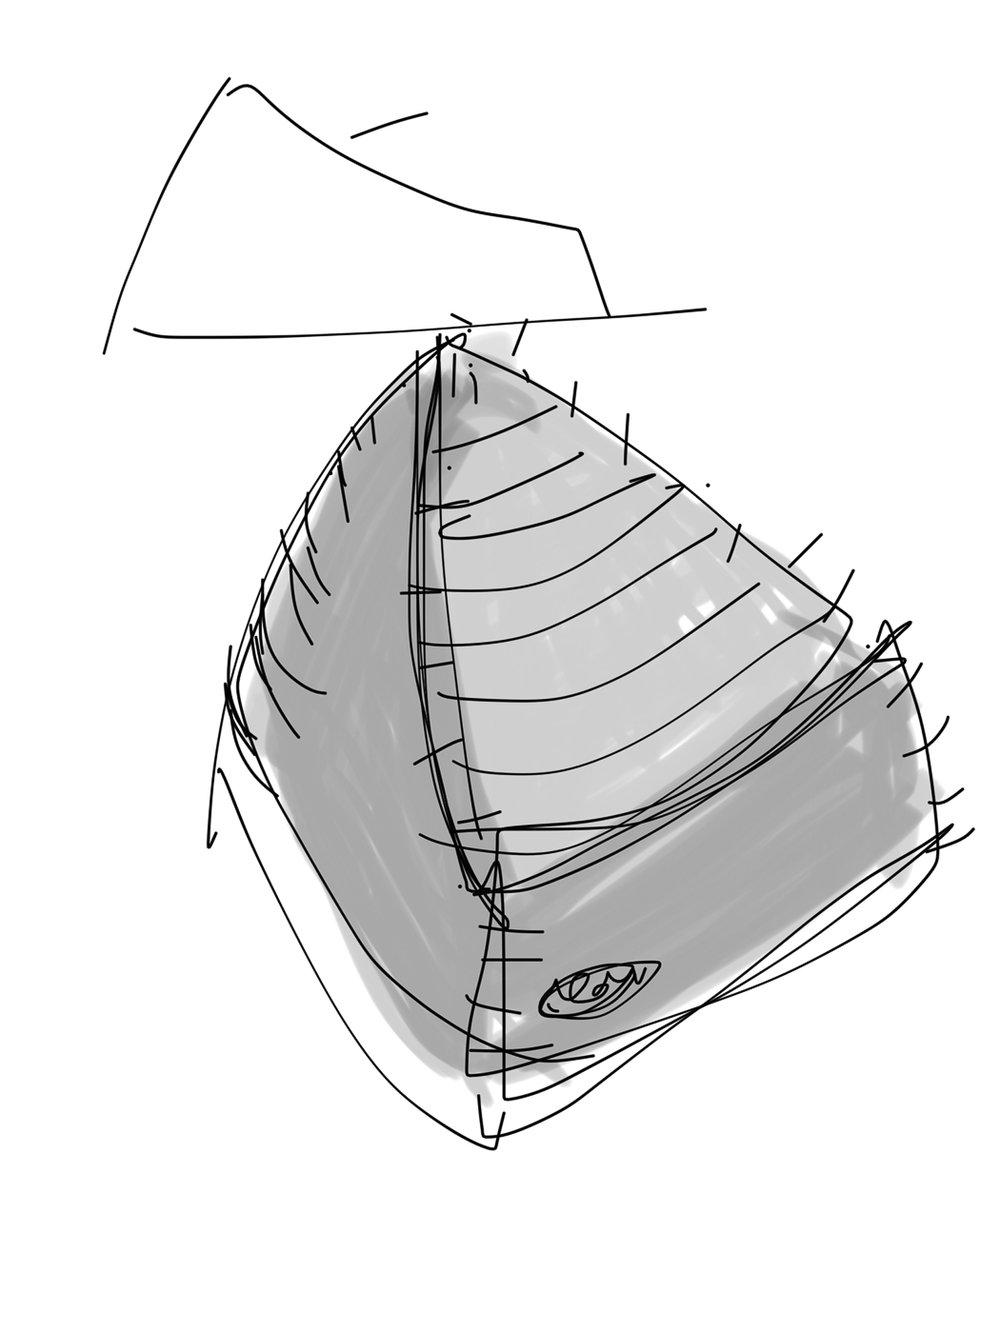 Sketch-367.jpg